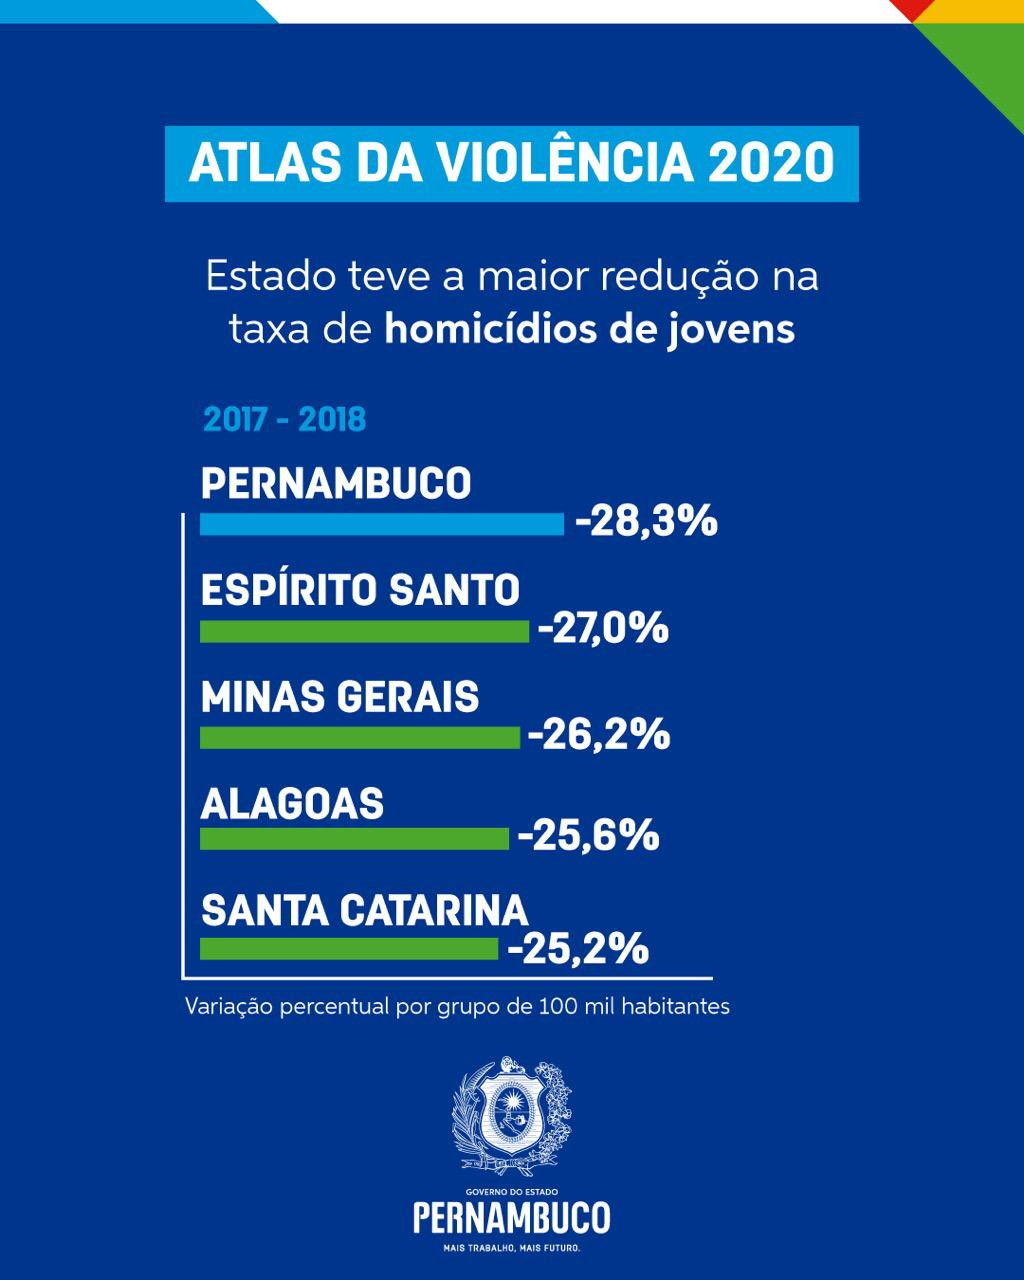 Taxa de redução de homicídio